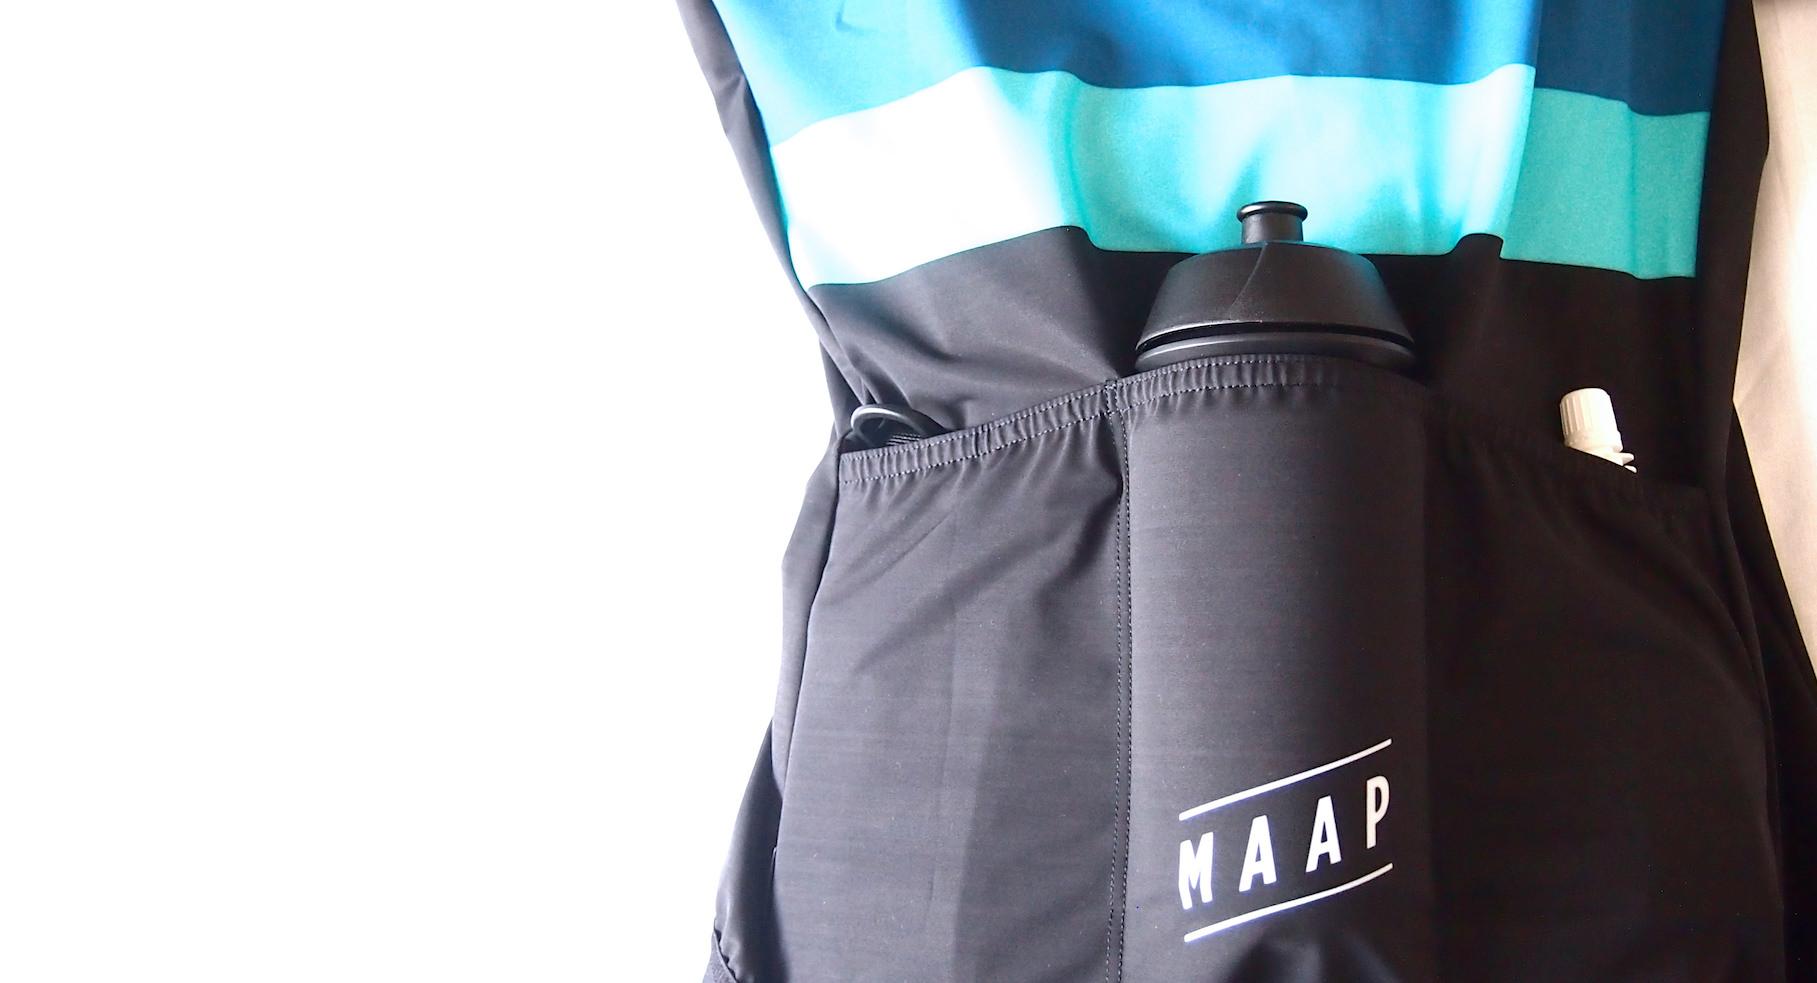 MAAP-バックポケット